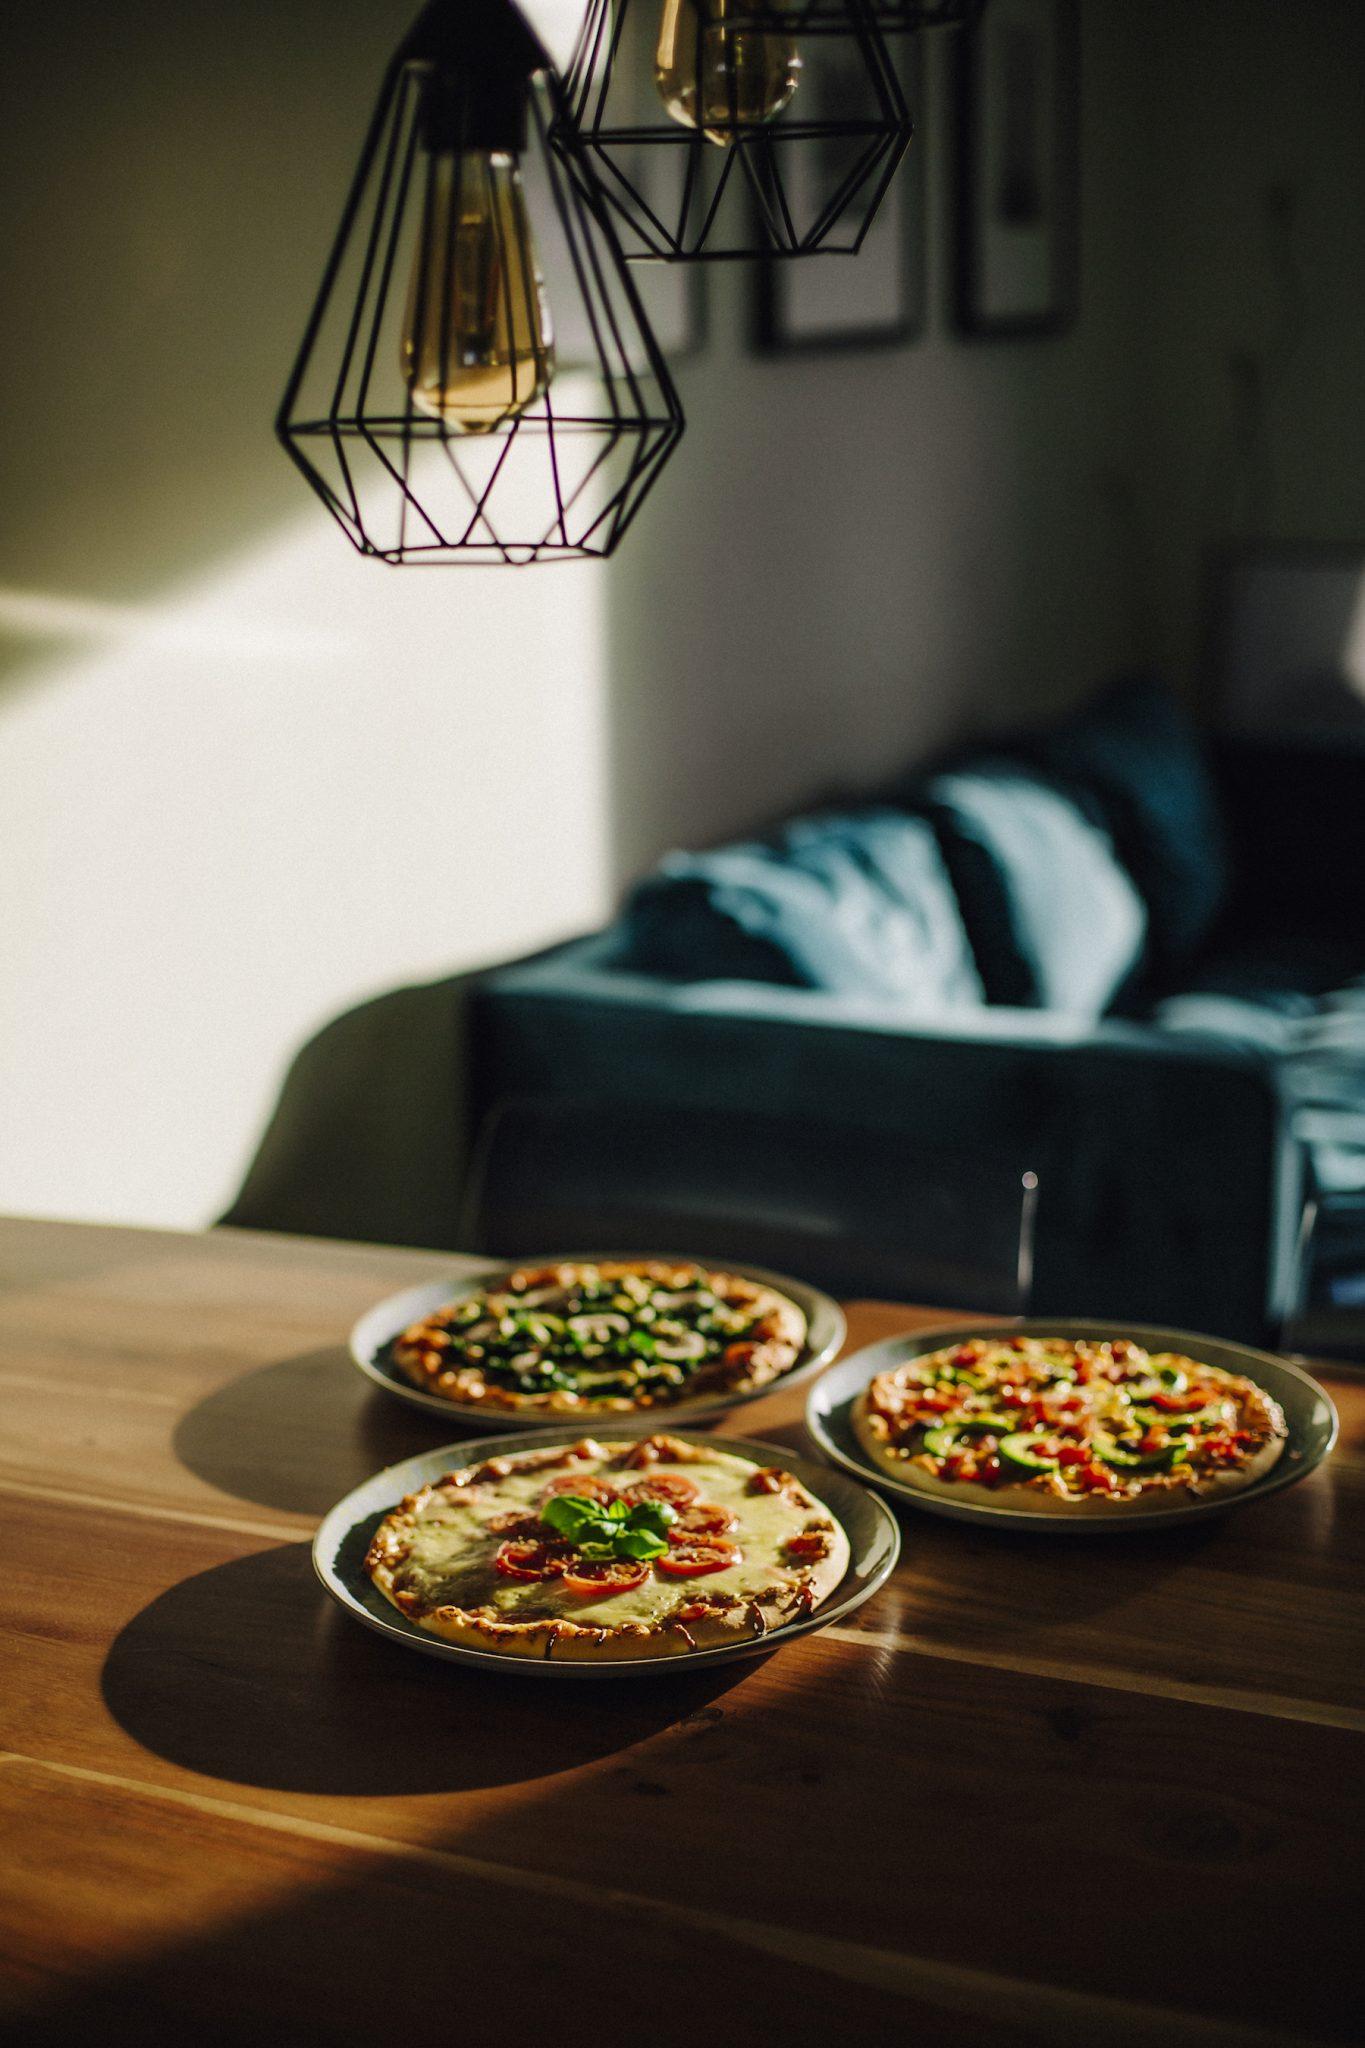 suelovesnyc_susan_fengler_glutenfreie_tiefkuhlpizza_verfeinern_glutenfreie_tiefkuehlpizza_verfeinern_pimp_my_pizza_relax_abend